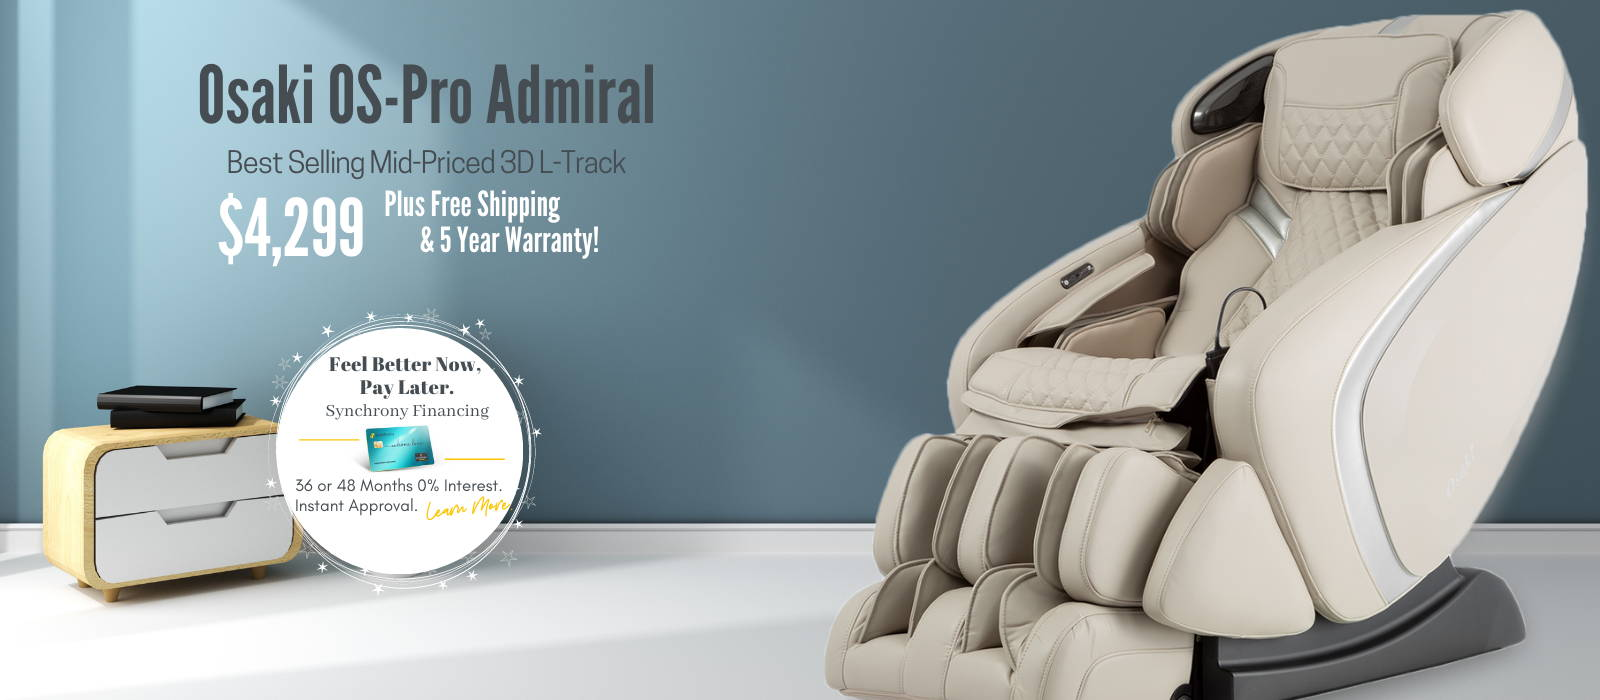 Osak OS-Pro Admiral 3D